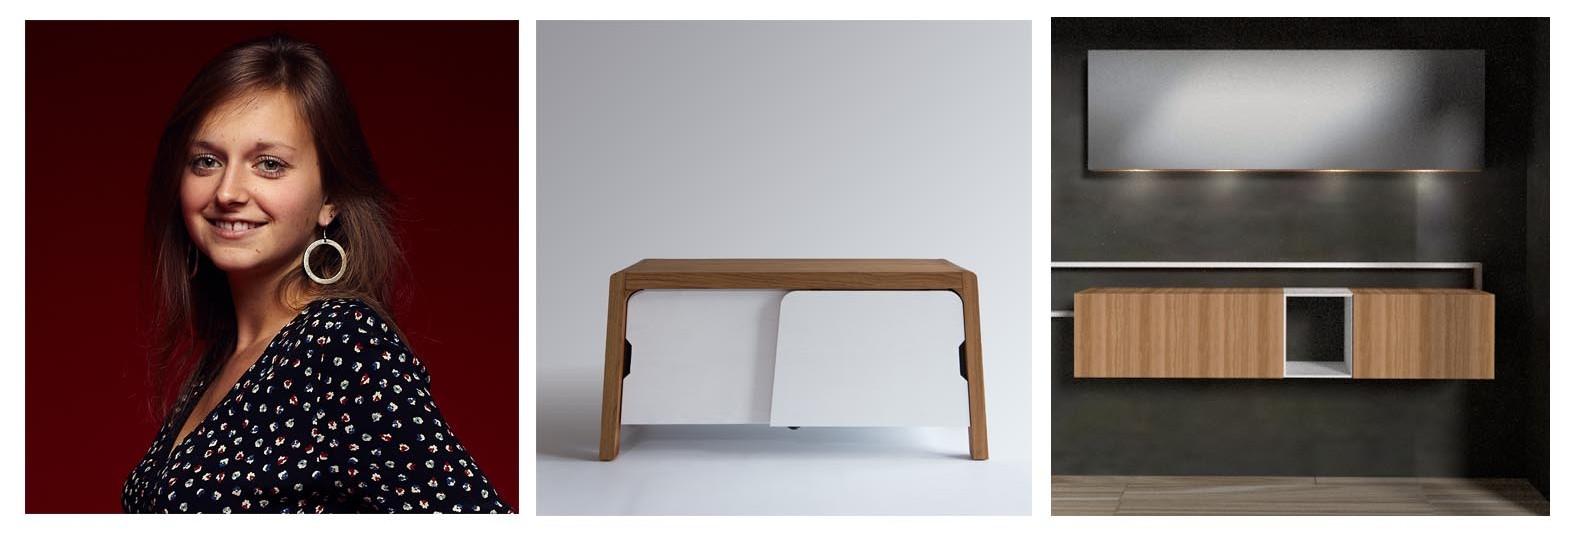 architecte d 39 int rieur et am nagement sur mesure li ge atelier inside bureau d. Black Bedroom Furniture Sets. Home Design Ideas